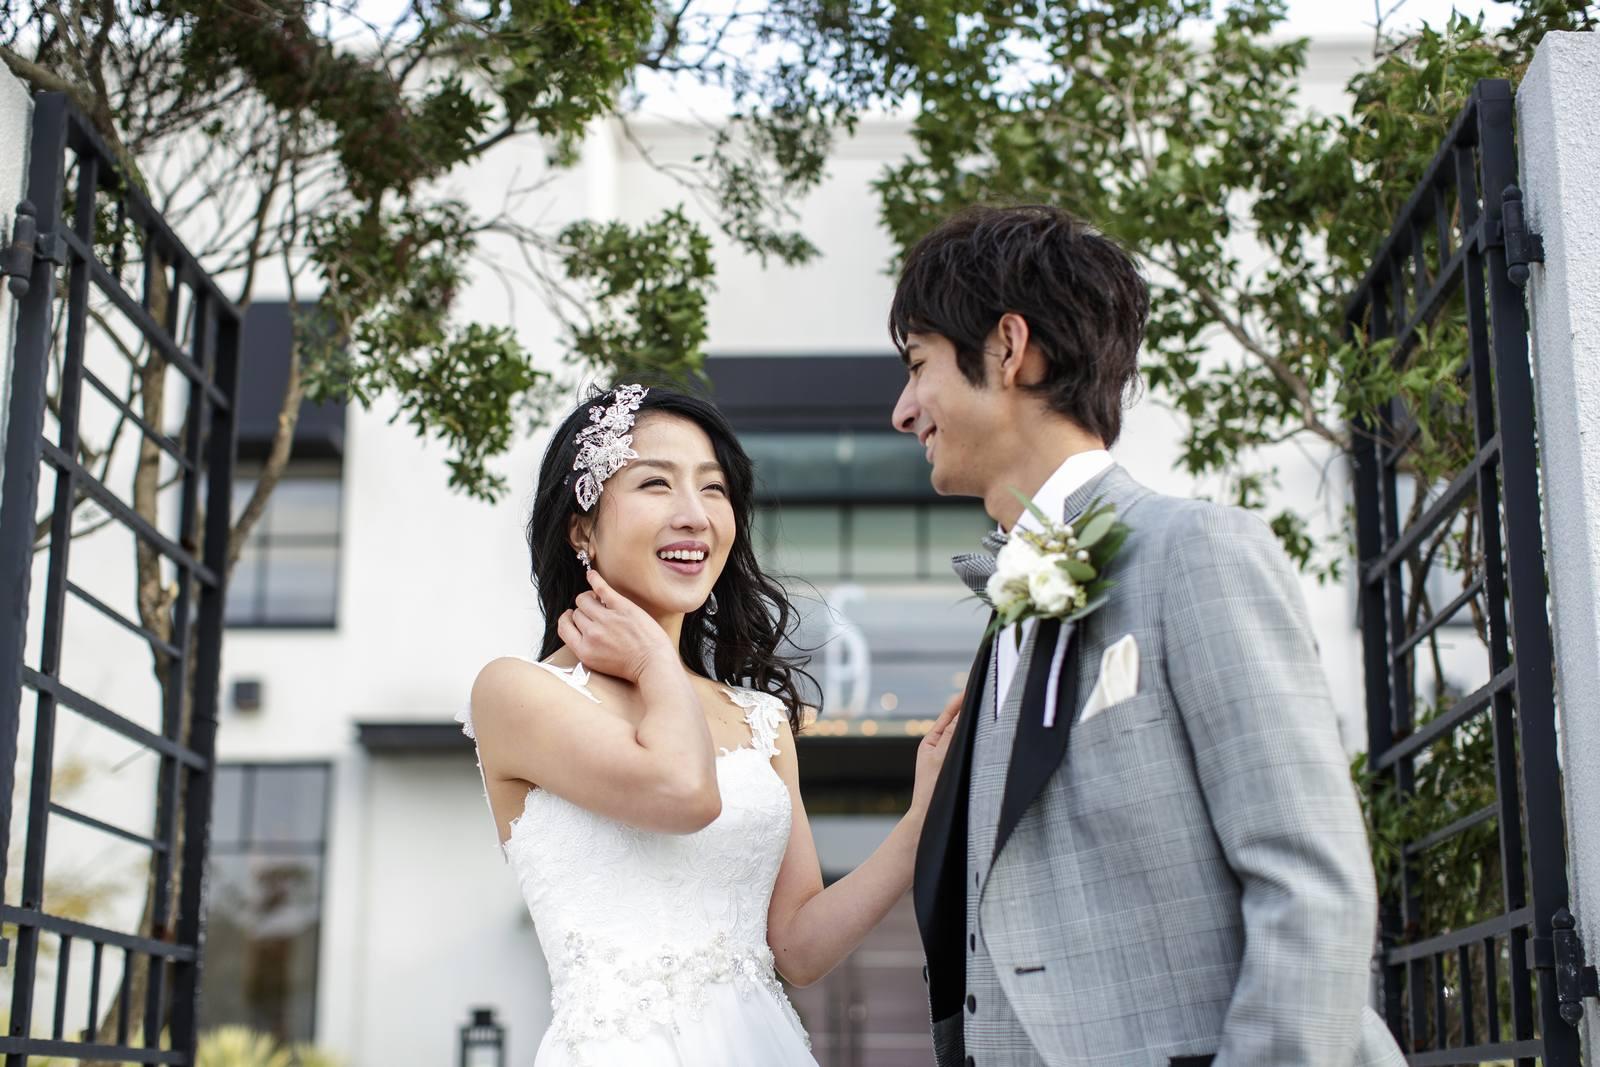 アイスタイルの結婚式イメージ